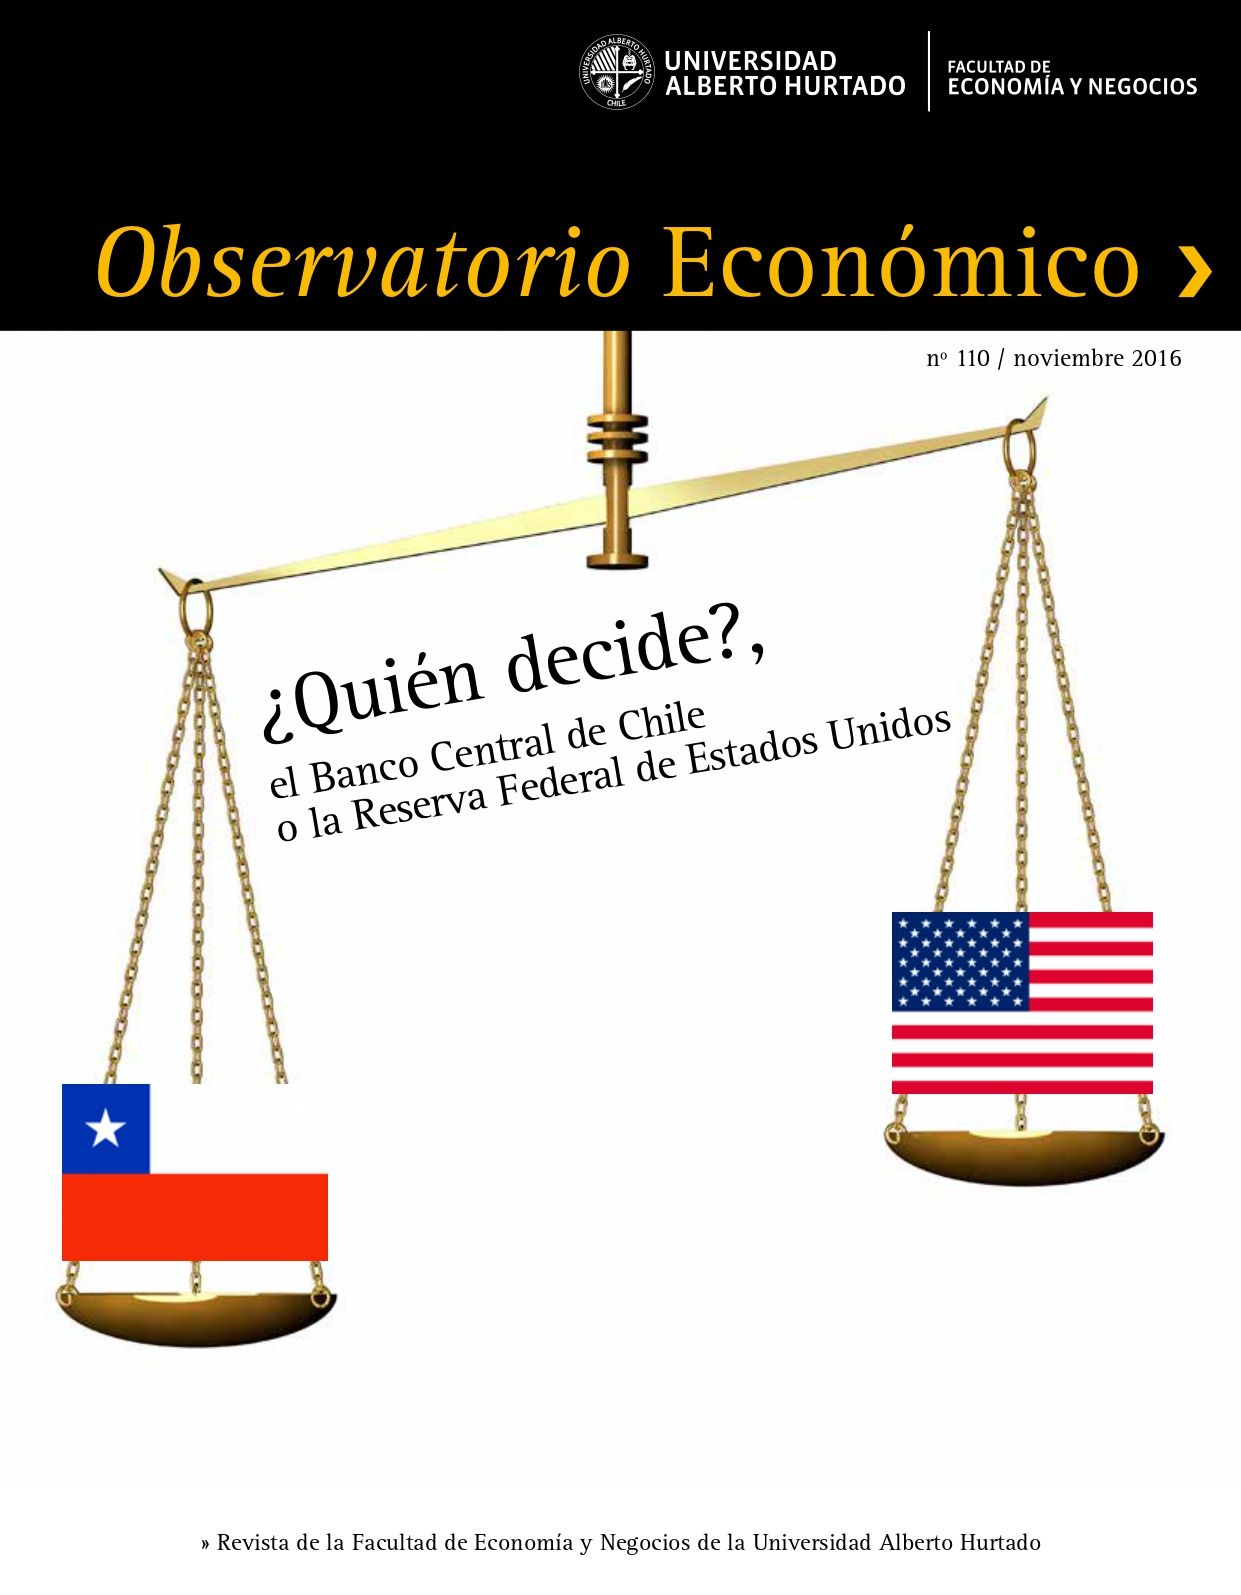 """Título del número de la revista : """"¿Quién Decide? El Banco Central de Chile o la Reserva Federal de Estados Unidos"""""""